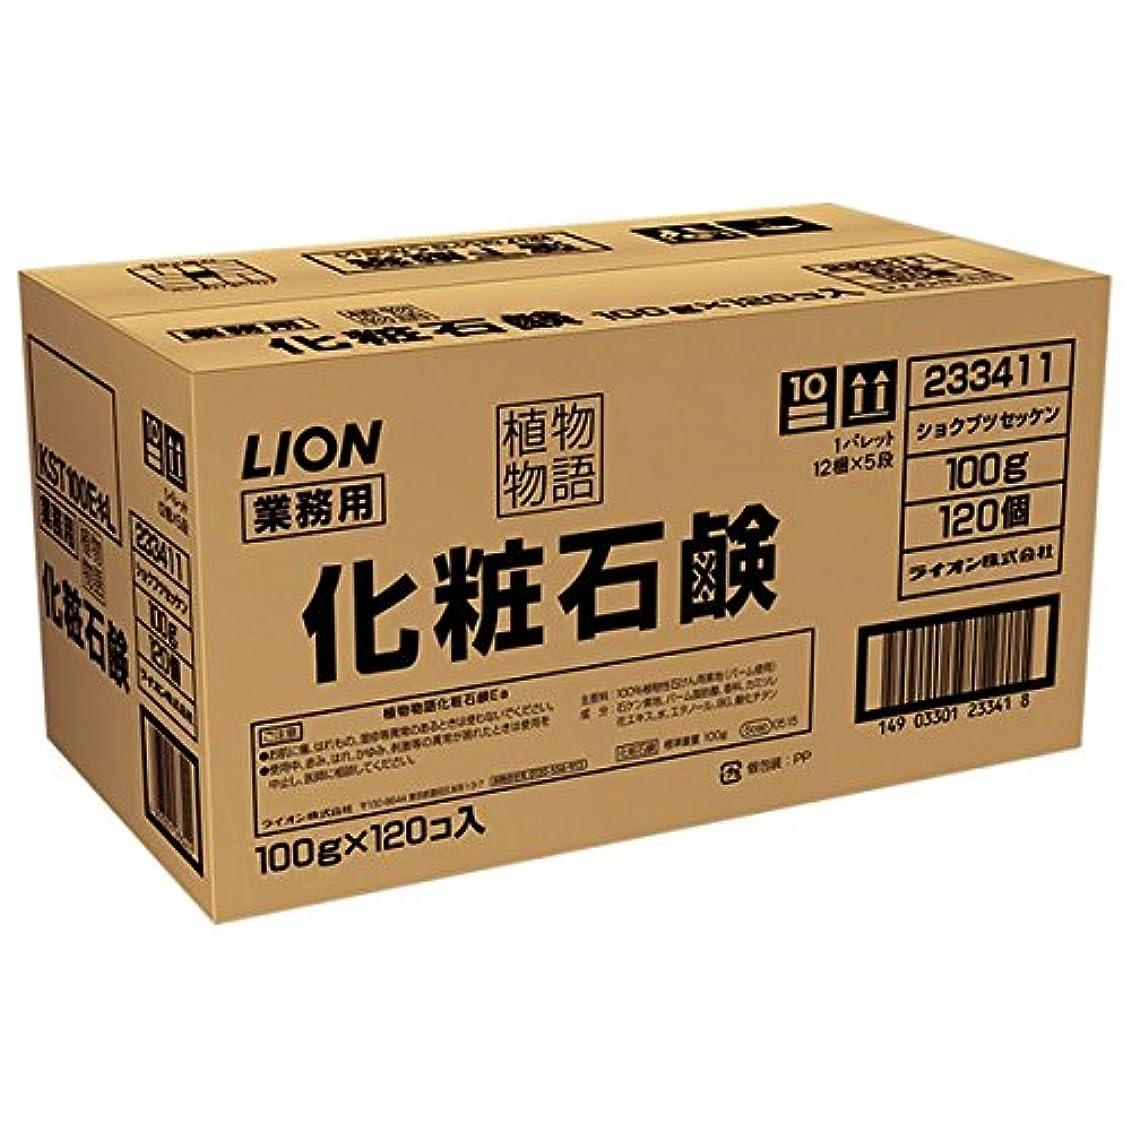 いたずらなオーナー二十ライオン 植物物語 化粧石鹸 業務用 100g 1箱(120個)